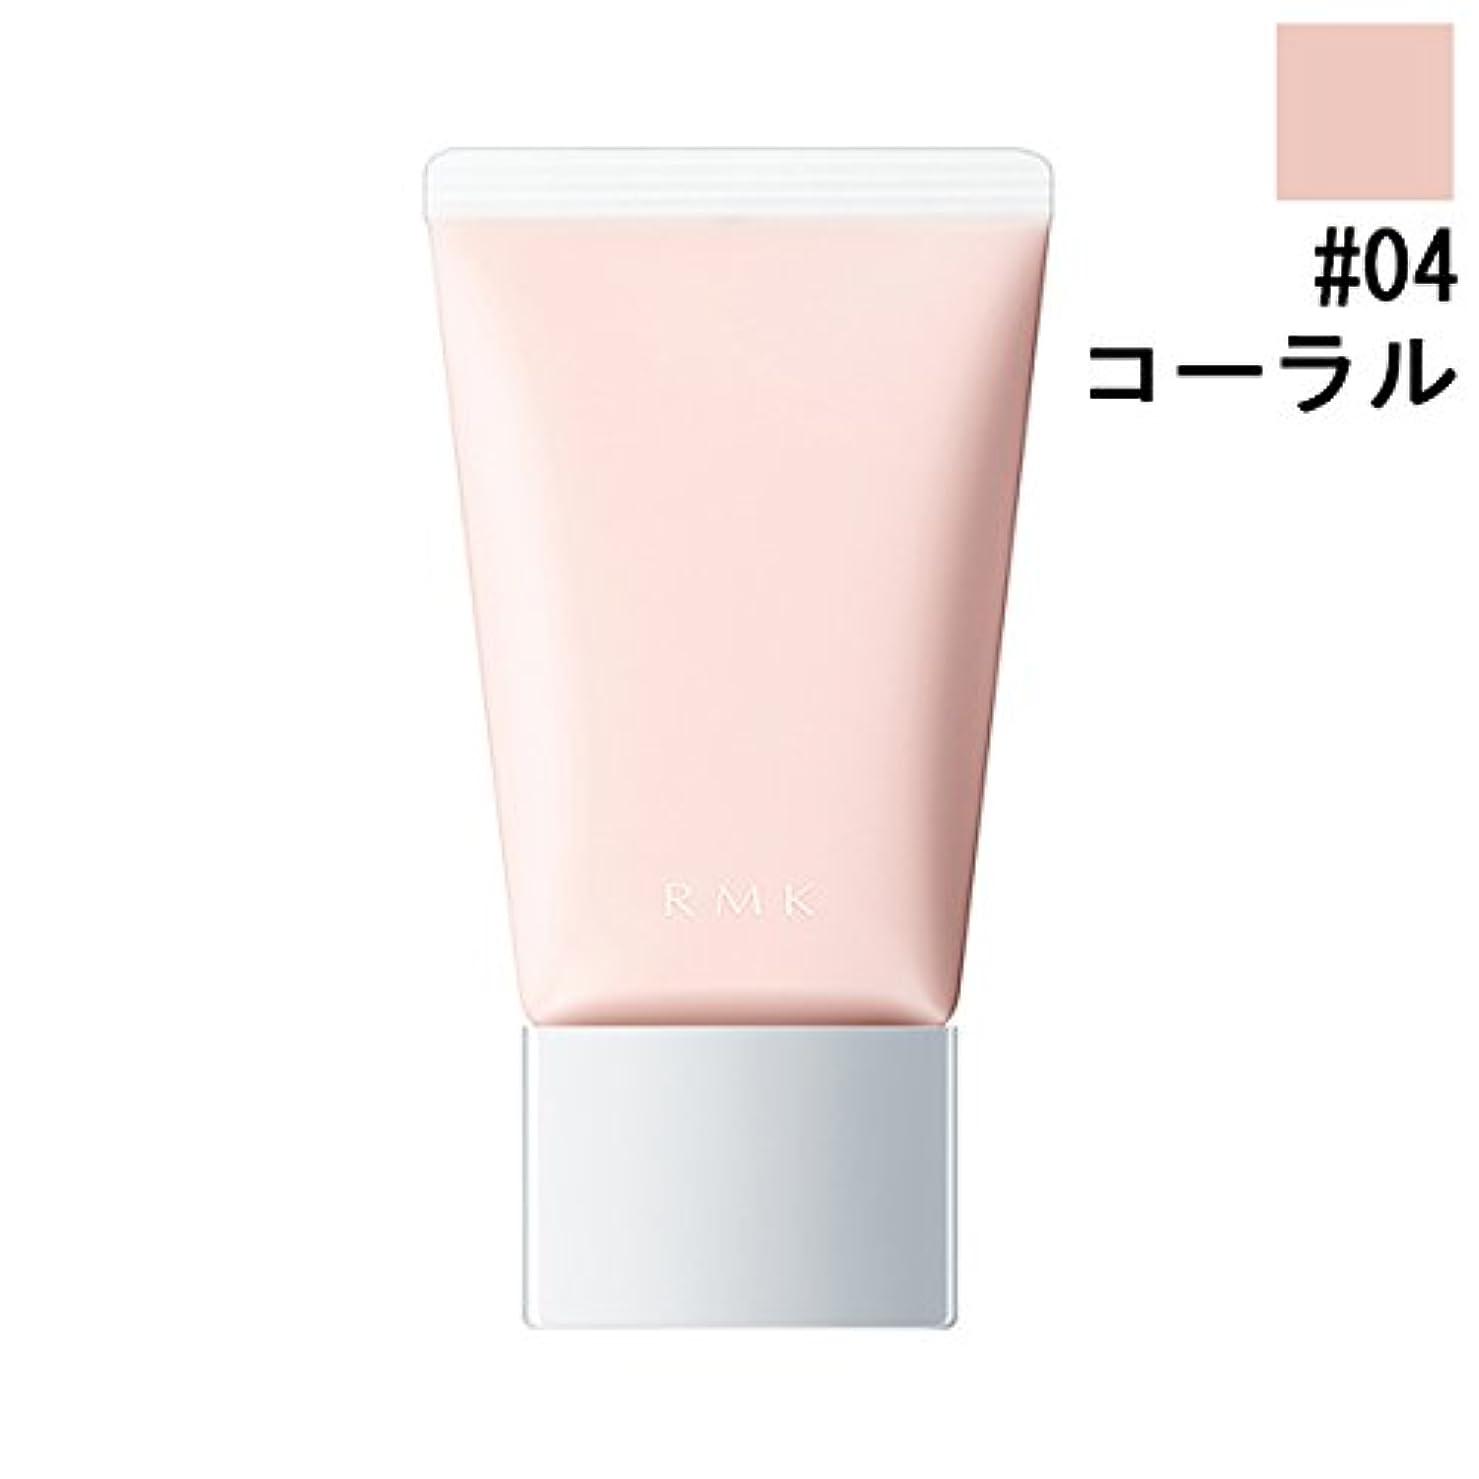 モデレータ女の子有料【RMK (ルミコ)】ベーシック コントロールカラー N #04 コーラル 30g